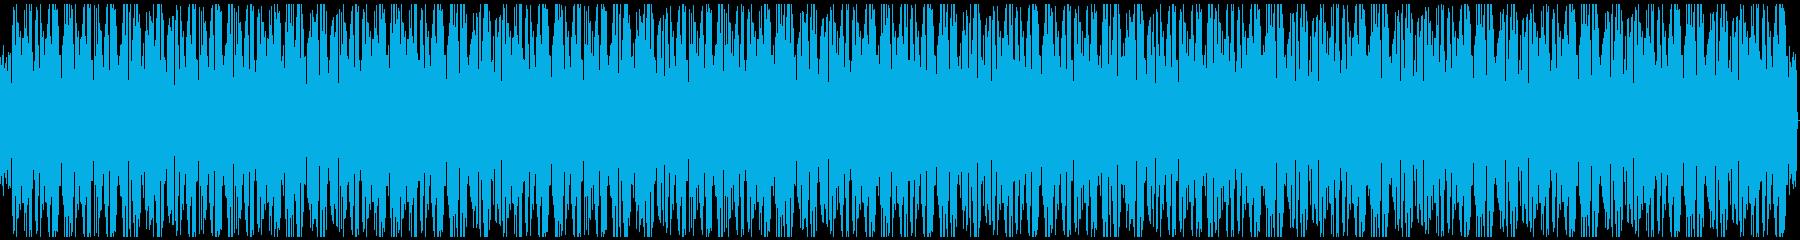 かわいい、軽快、木琴、YouTubeの再生済みの波形